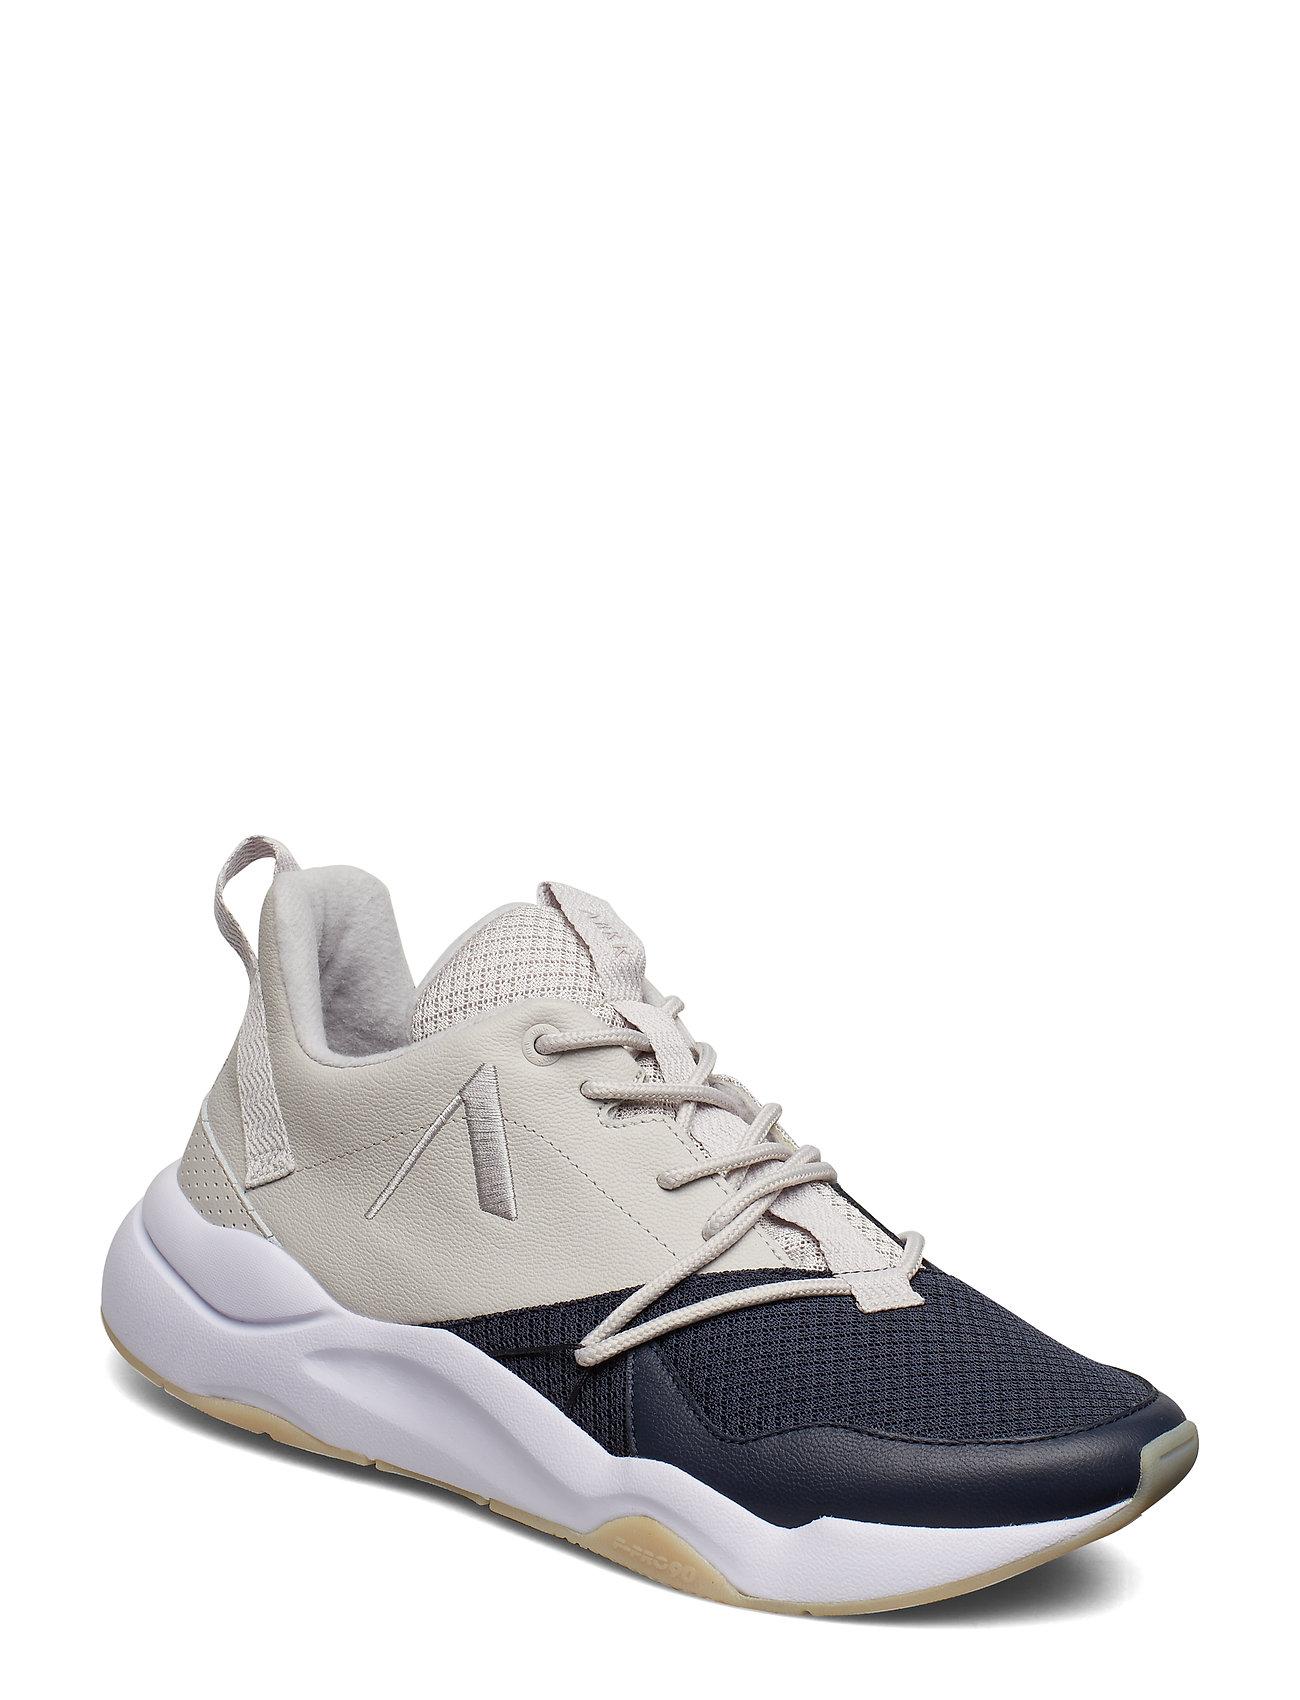 Melinda Slip On Shoes Loafers Flade Sko Sort GANT | Damesko |